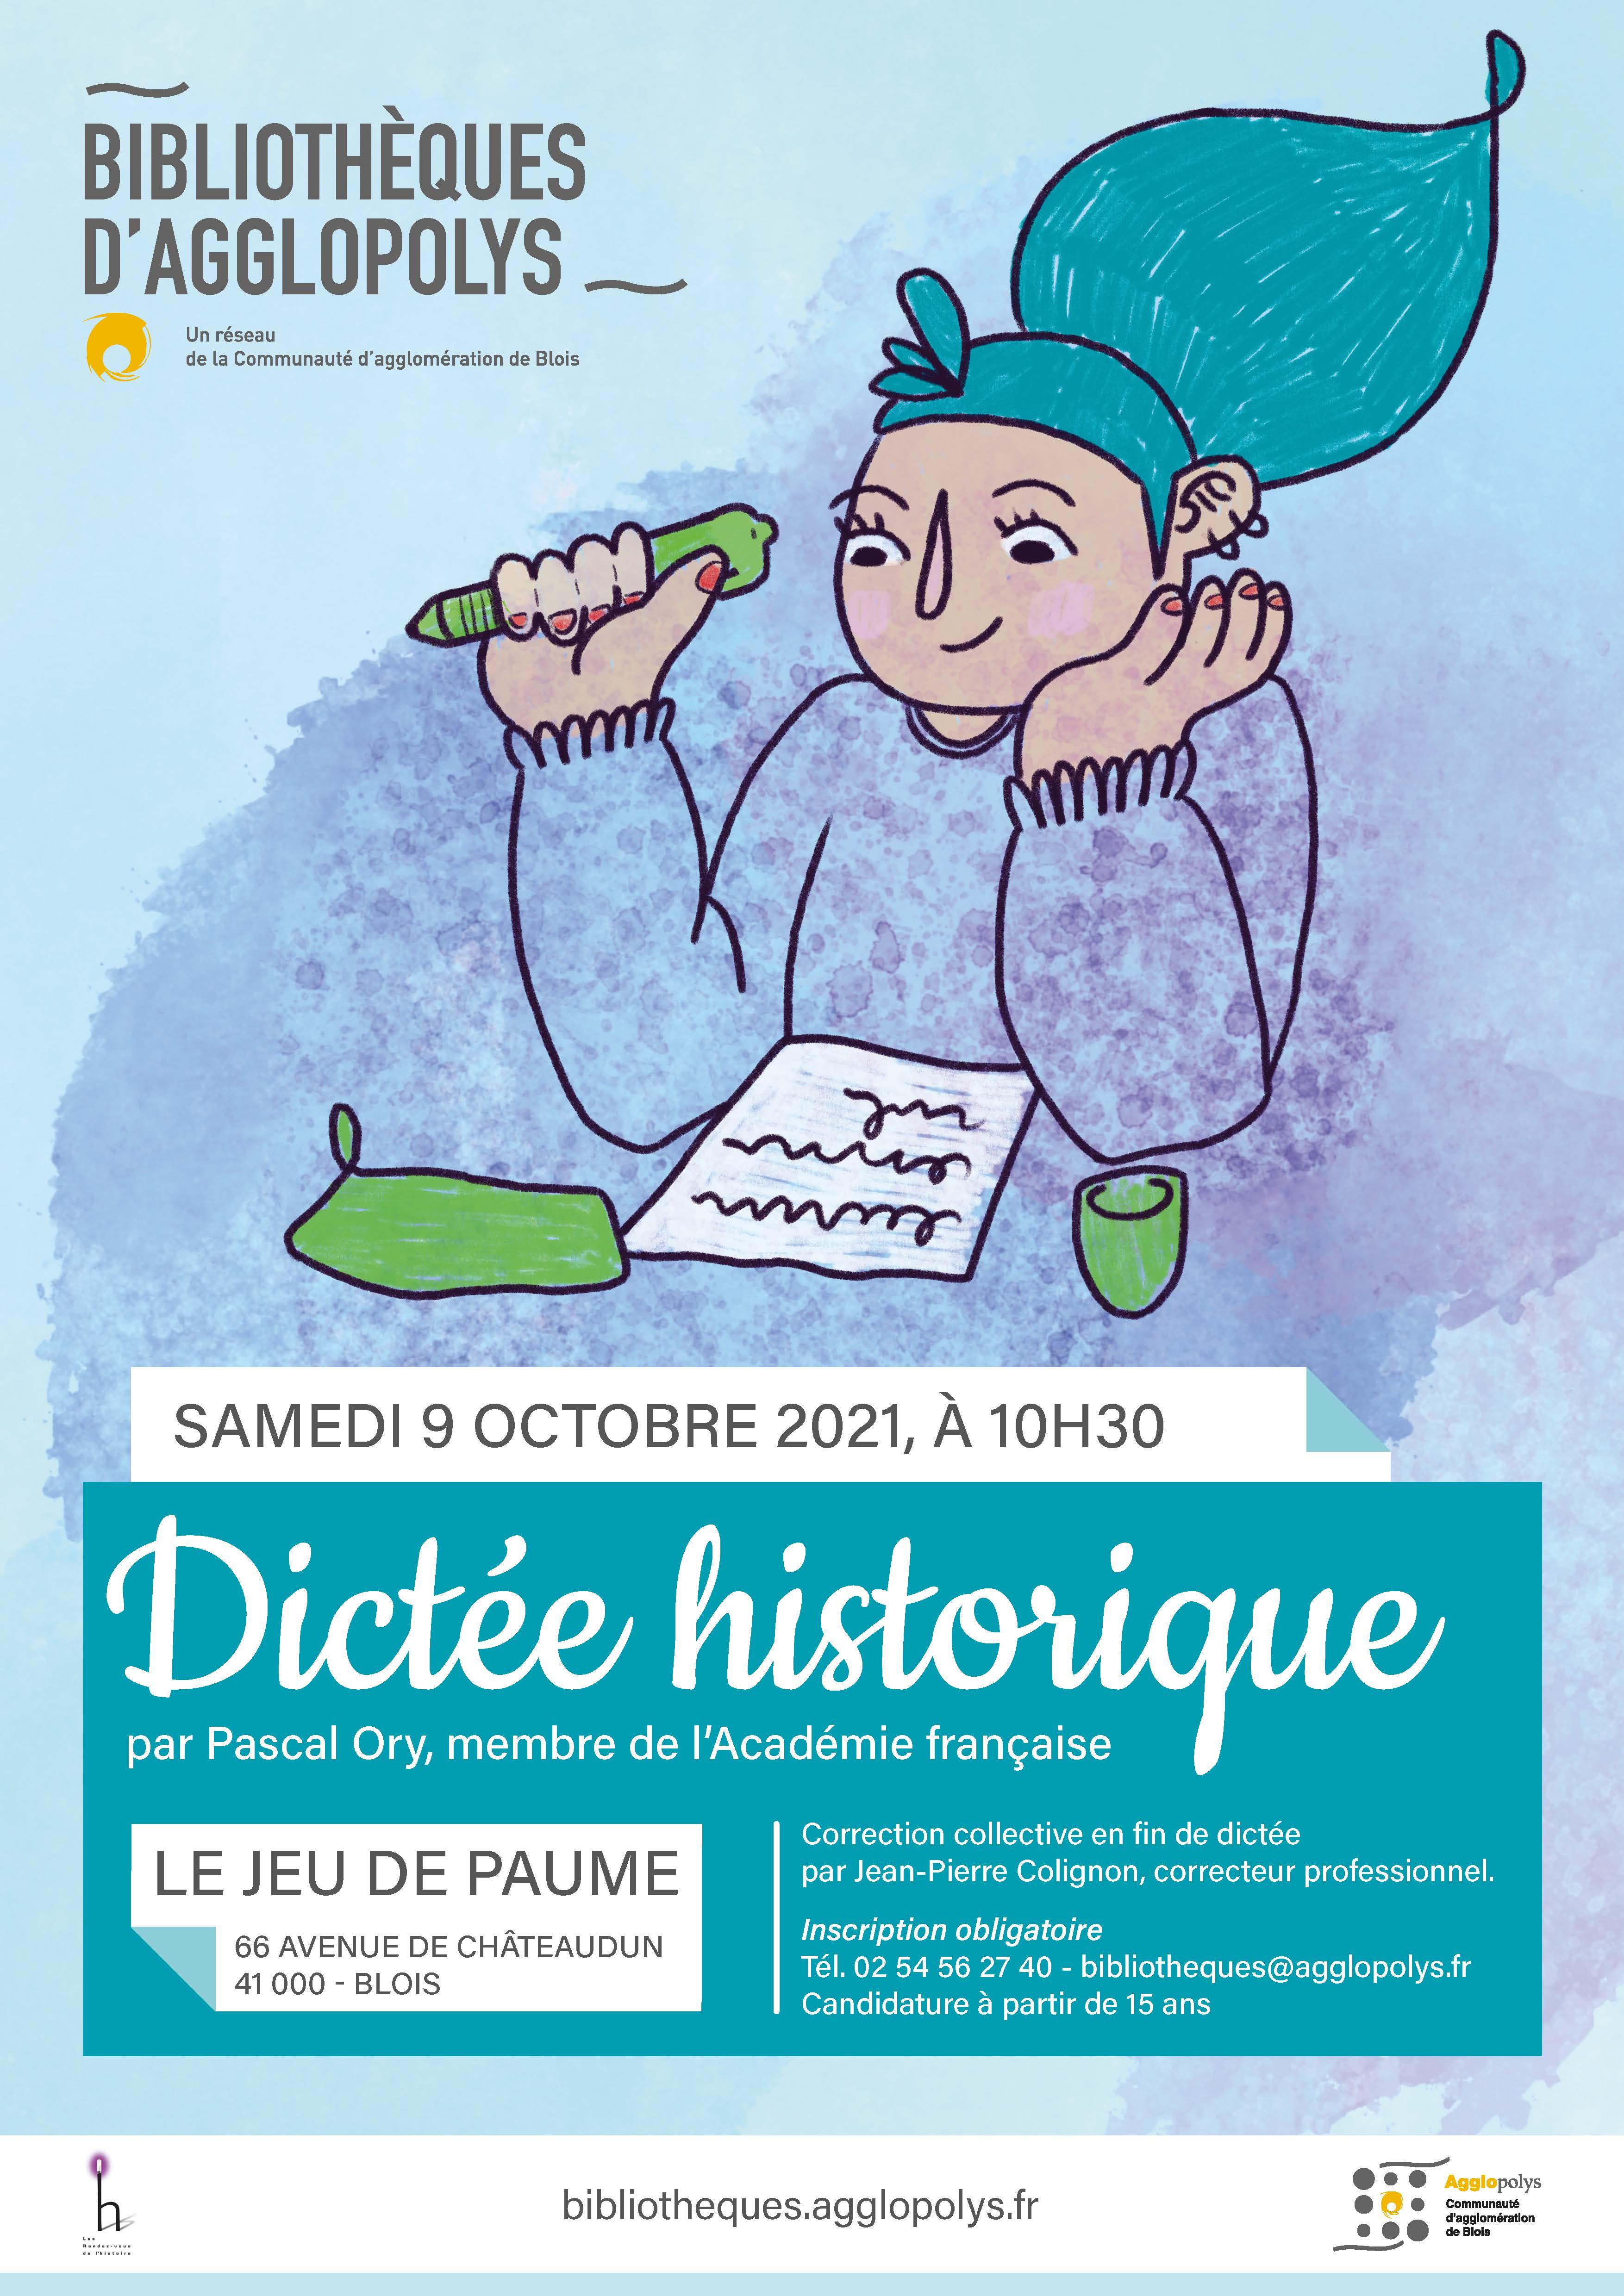 Dictée historique avec Pascal Ory |